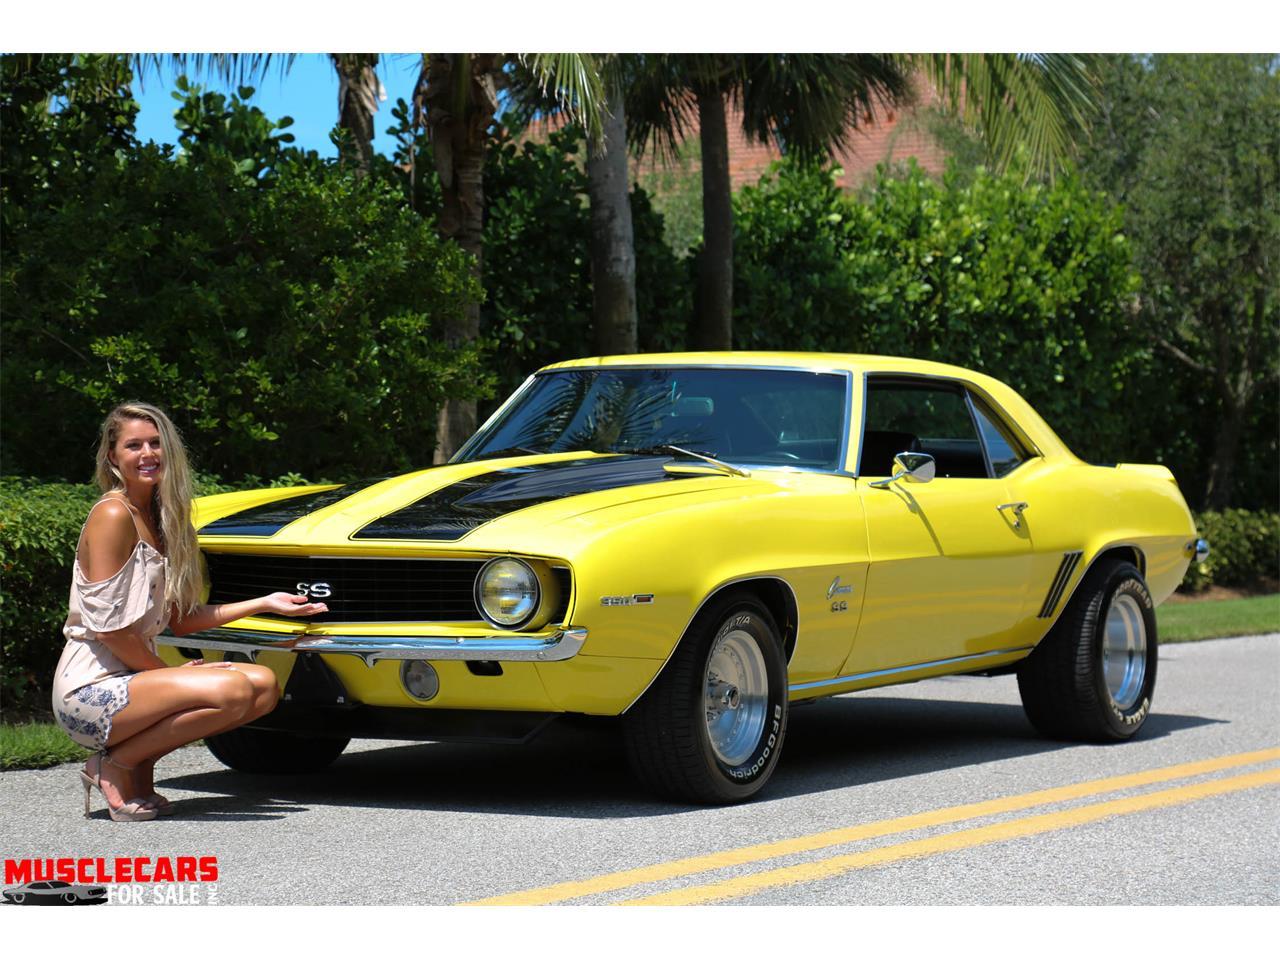 1969 Chevrolet Camaro Ss For Sale Classiccars Com Cc 1128806